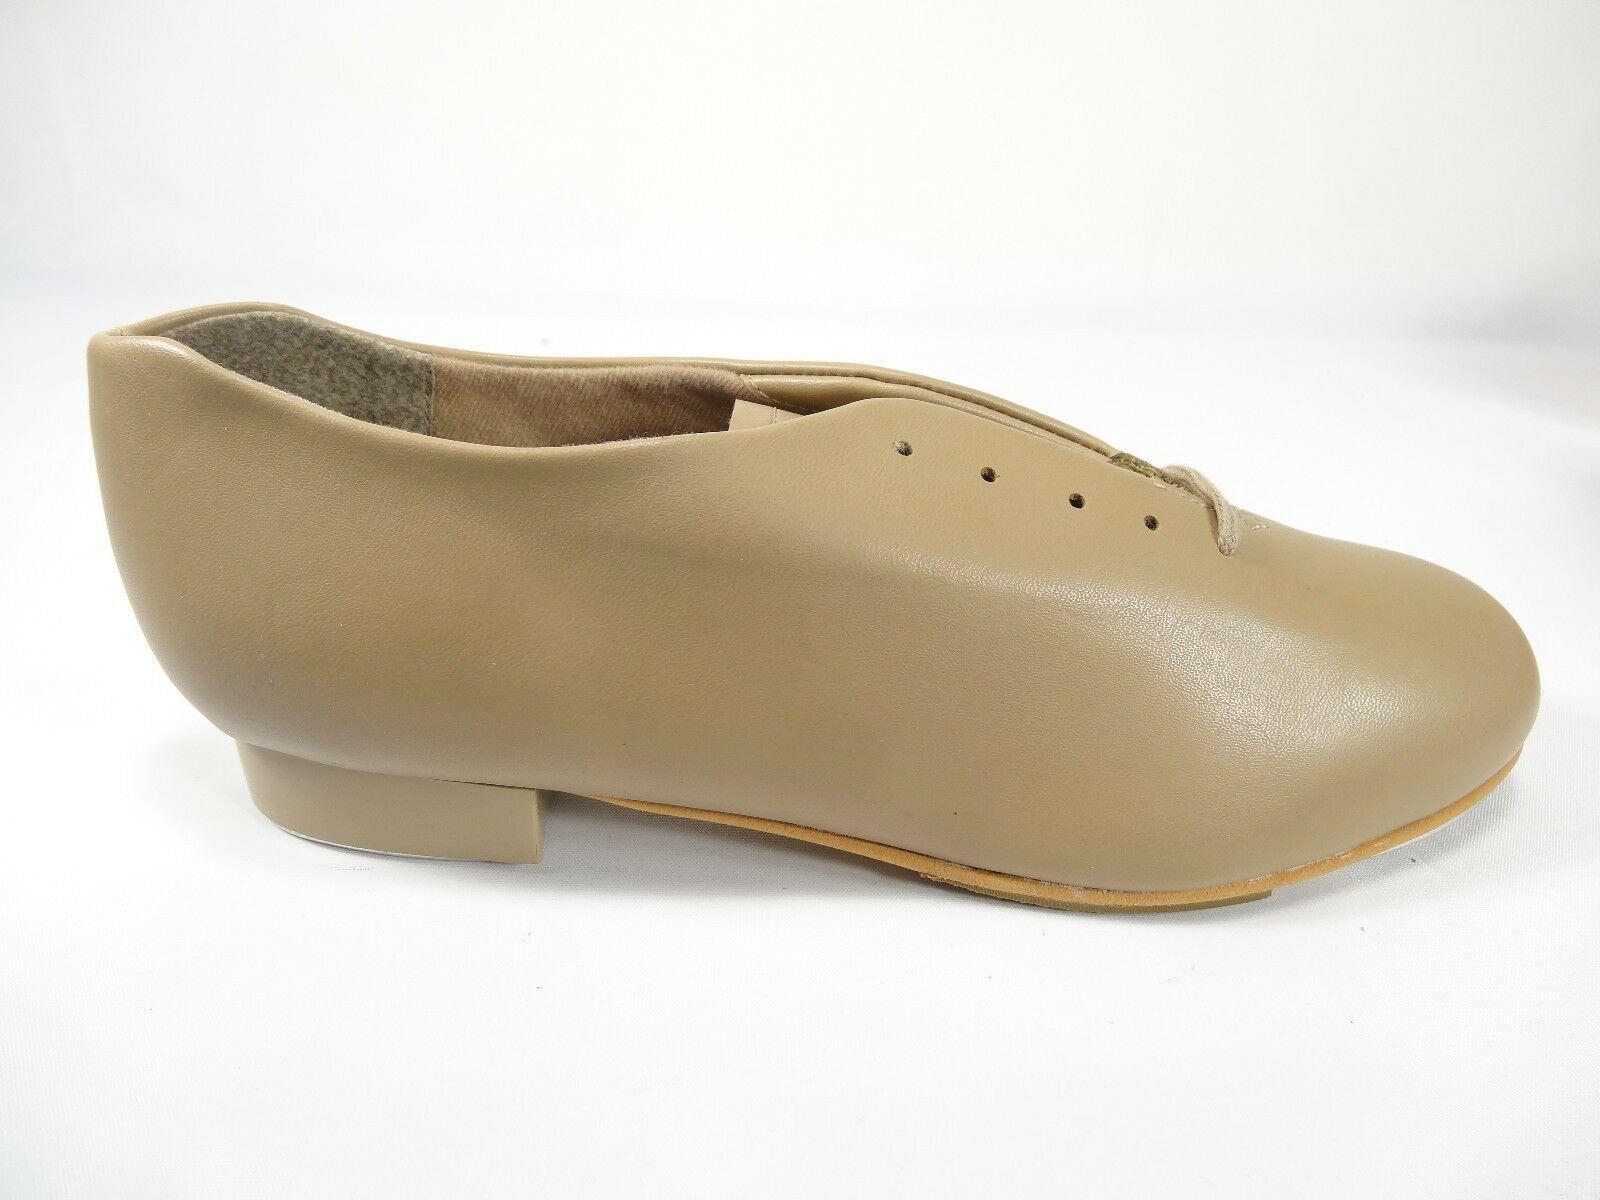 Capezio Tele Tone Jr Tap Dance Shoes Size 9M H8  Style #442